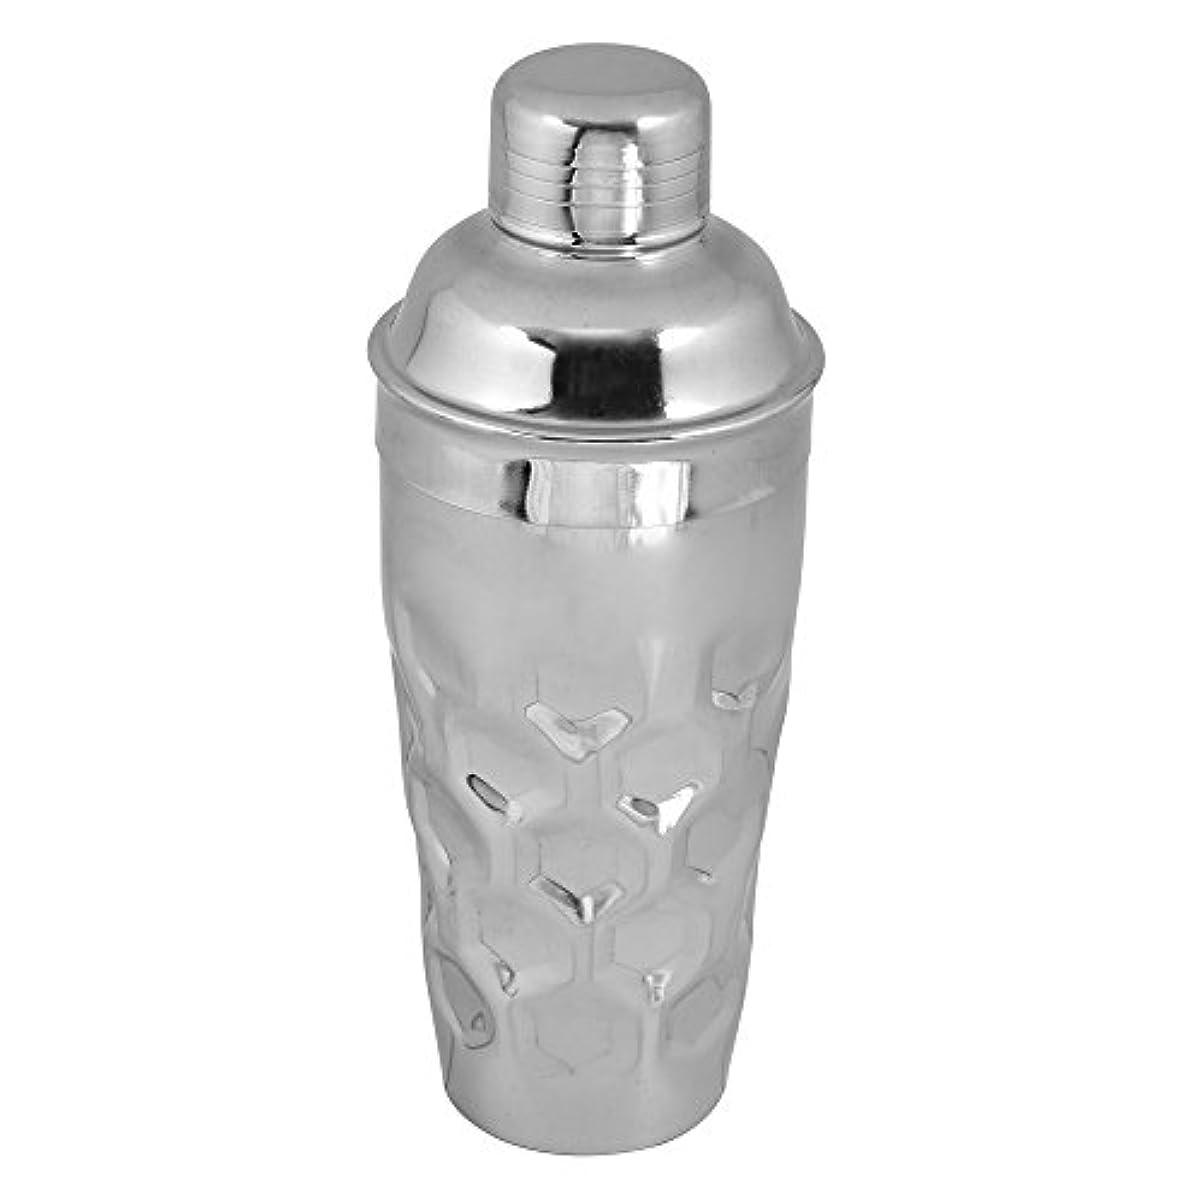 バンカーレーダー不適切な(750ml Octagonal) - Kosma Stainless Steel Designer Cocktail Shaker Mocktail Shaker - (Hammered finish) - 750 ml